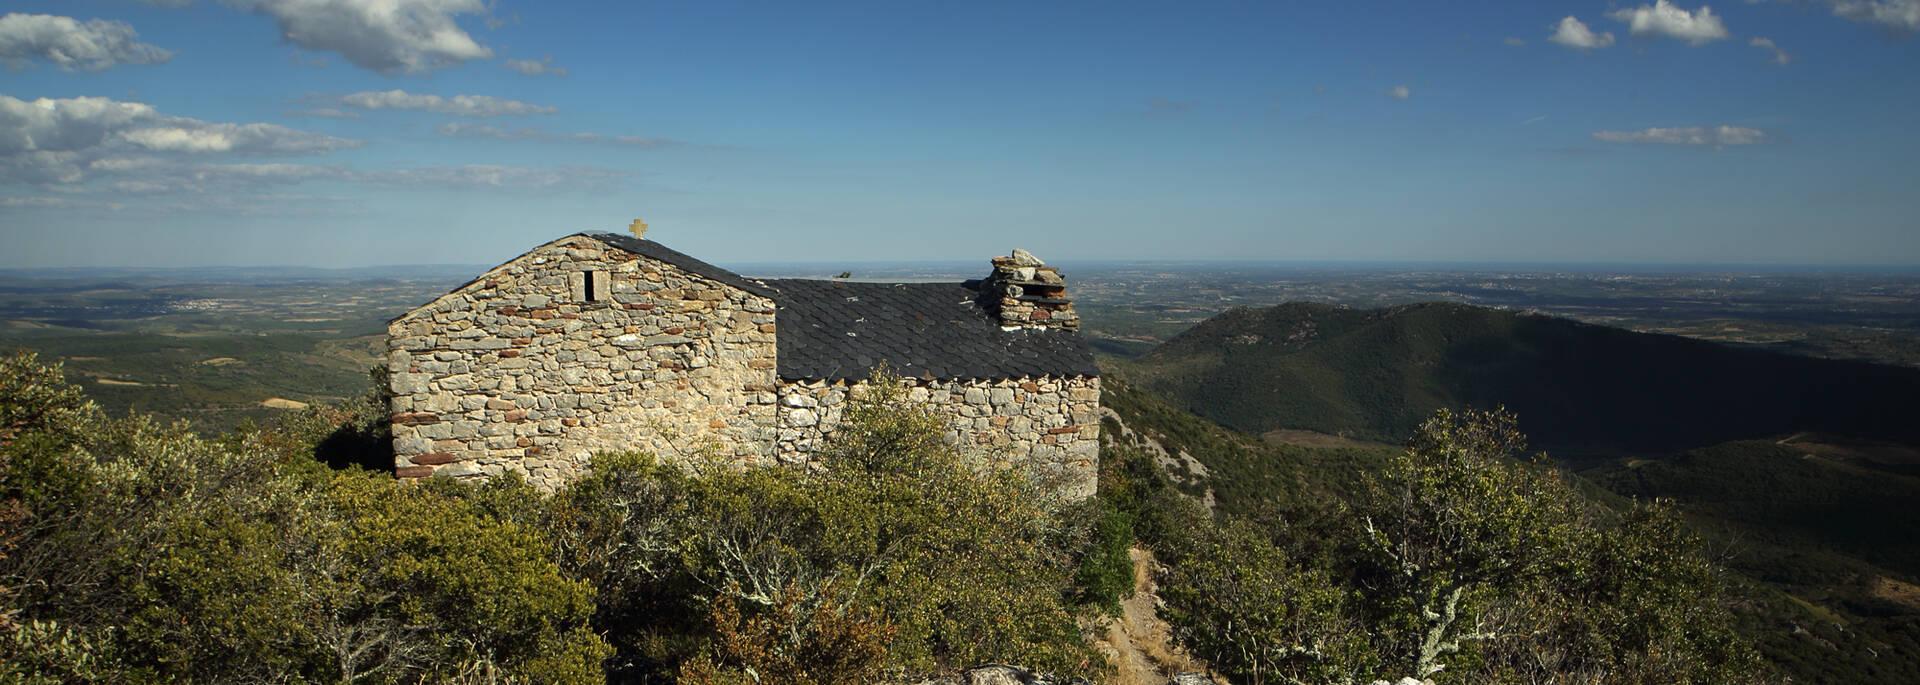 From L'hermitage de Saint-Nazaire over Ladarez ©G.Souche